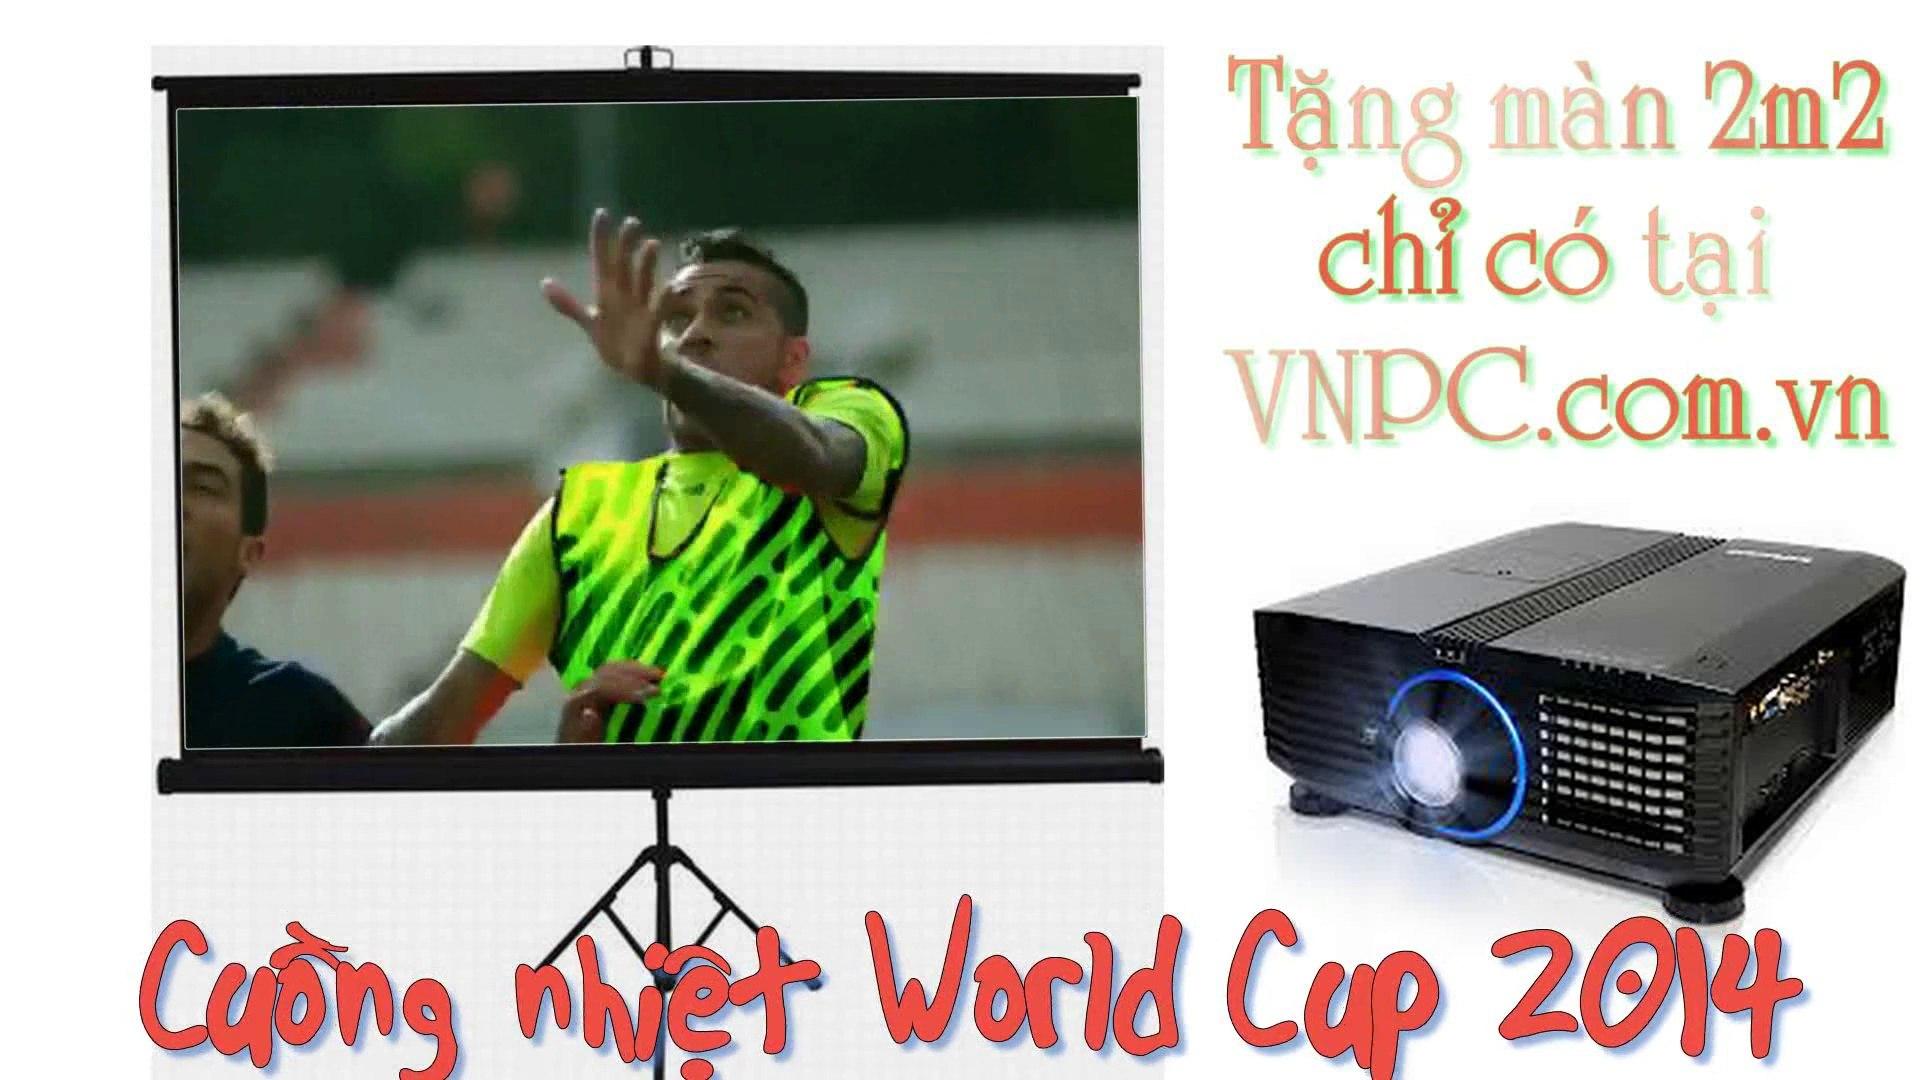 May chieu Xem bong da World Cup - free man chieu 2m2